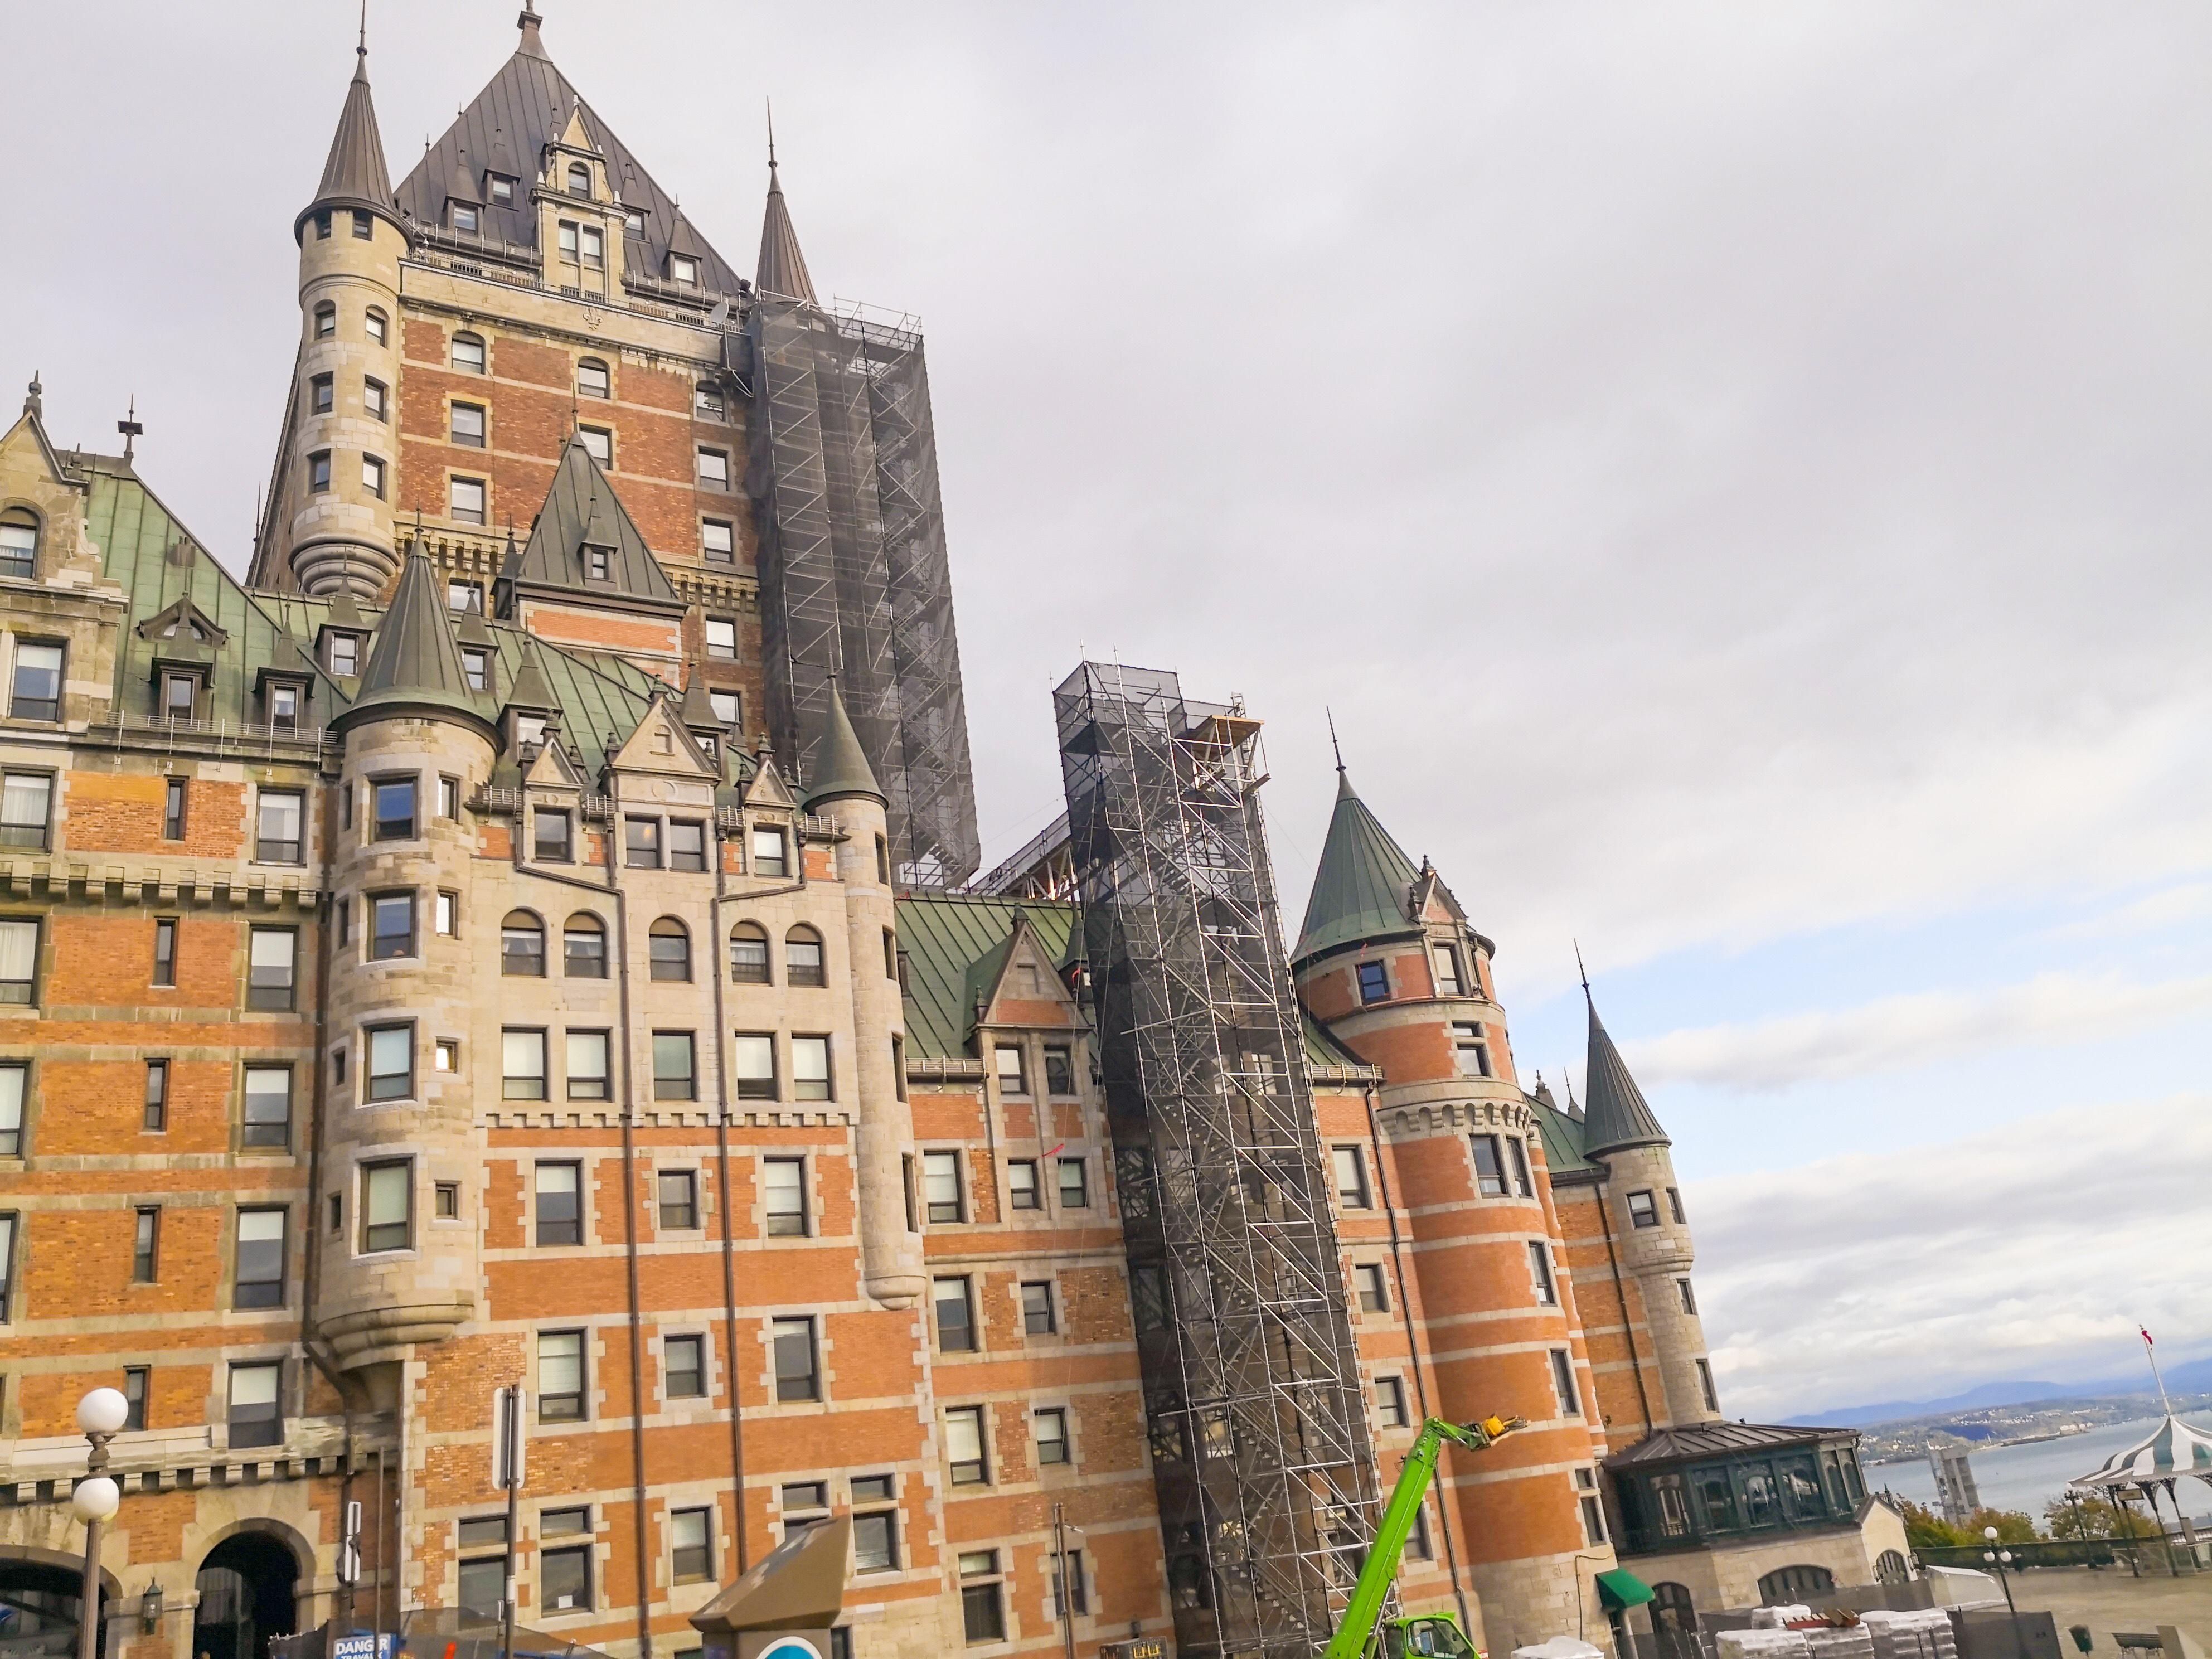 シャトーフロンテナック お城ホテルケベックシティ観光におすすめのホテル